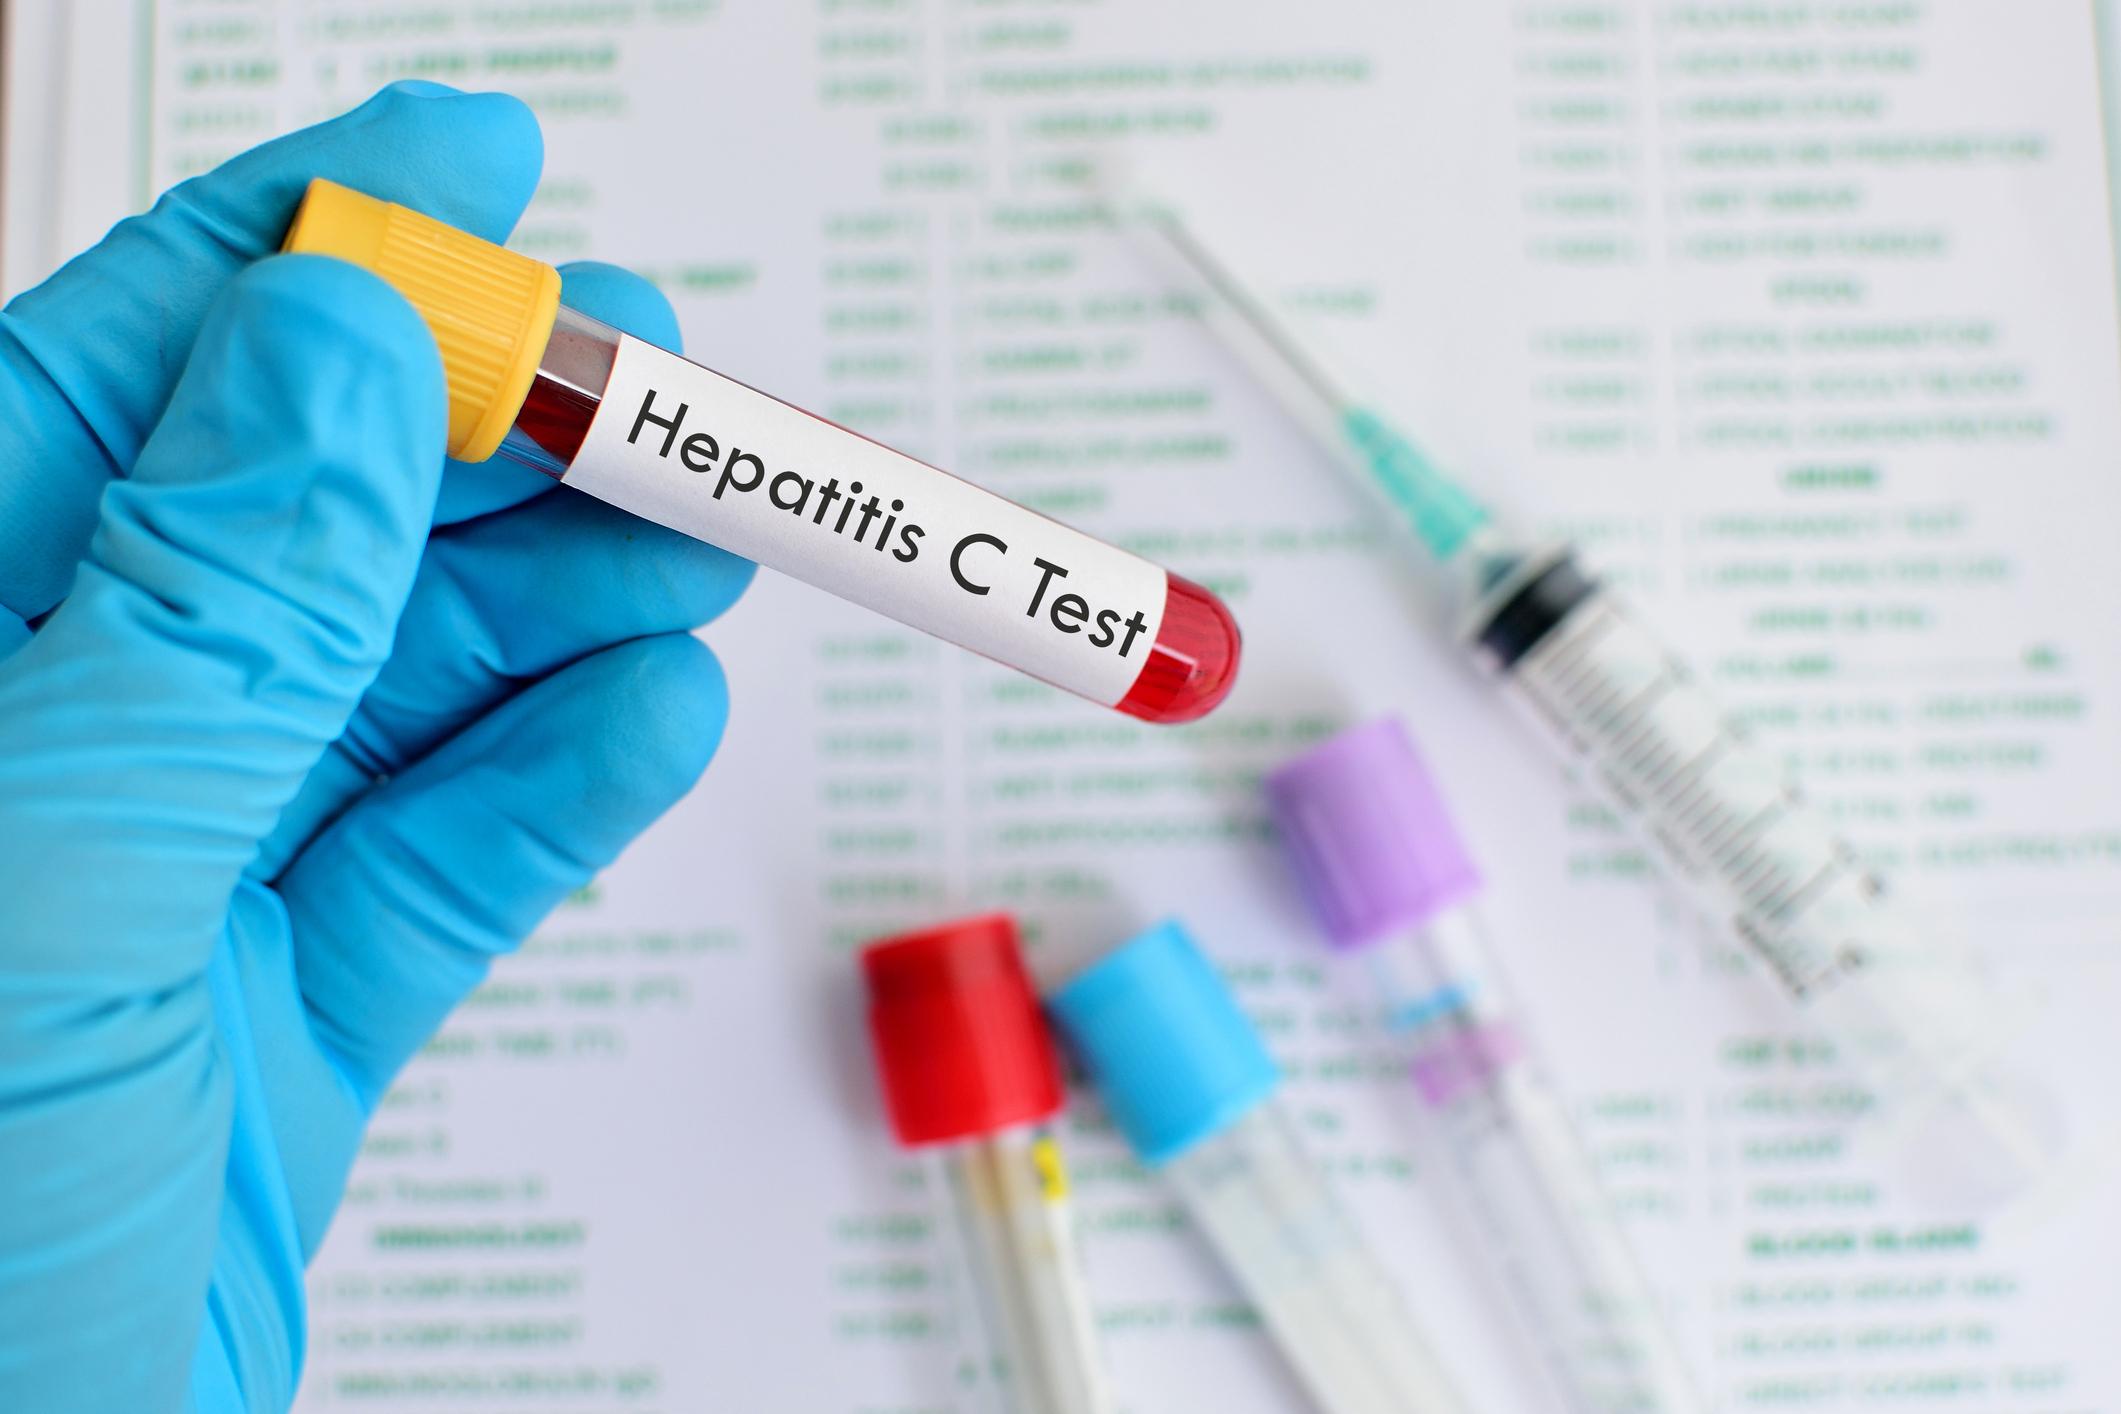 هپاتیت C ، درمان هپاتیت C